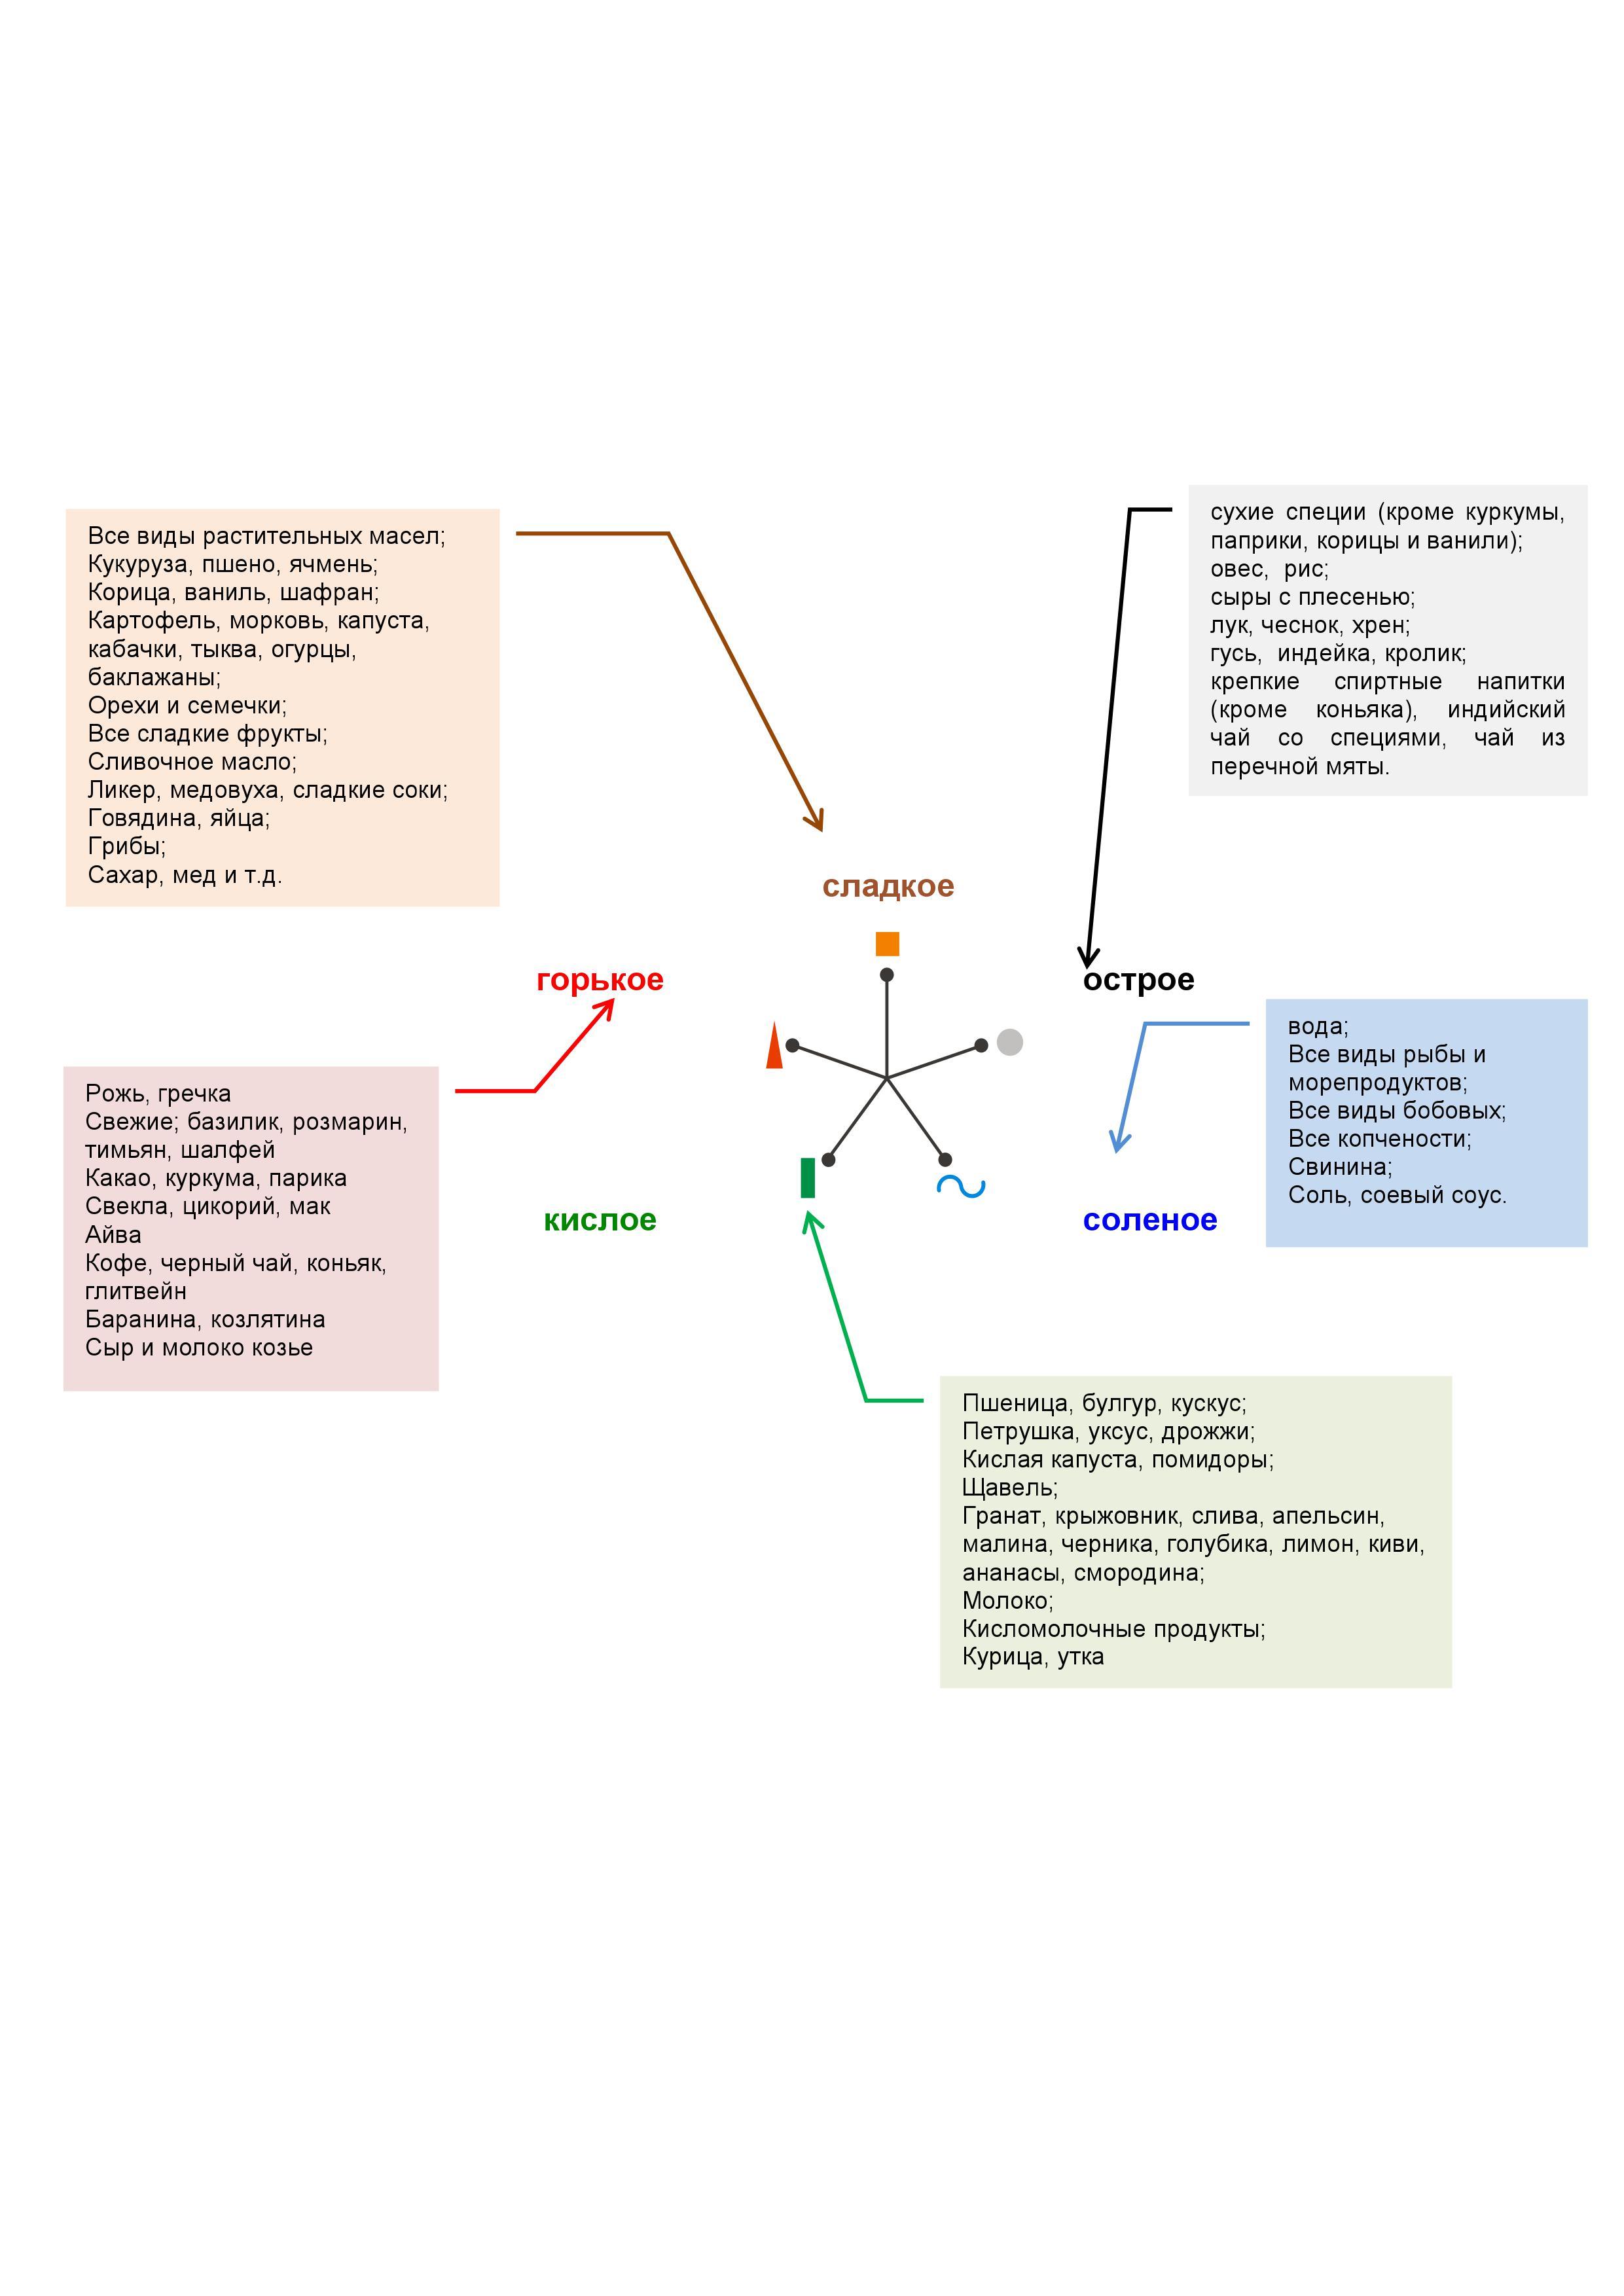 Инфографика-распределение-продуктов-5-элементов